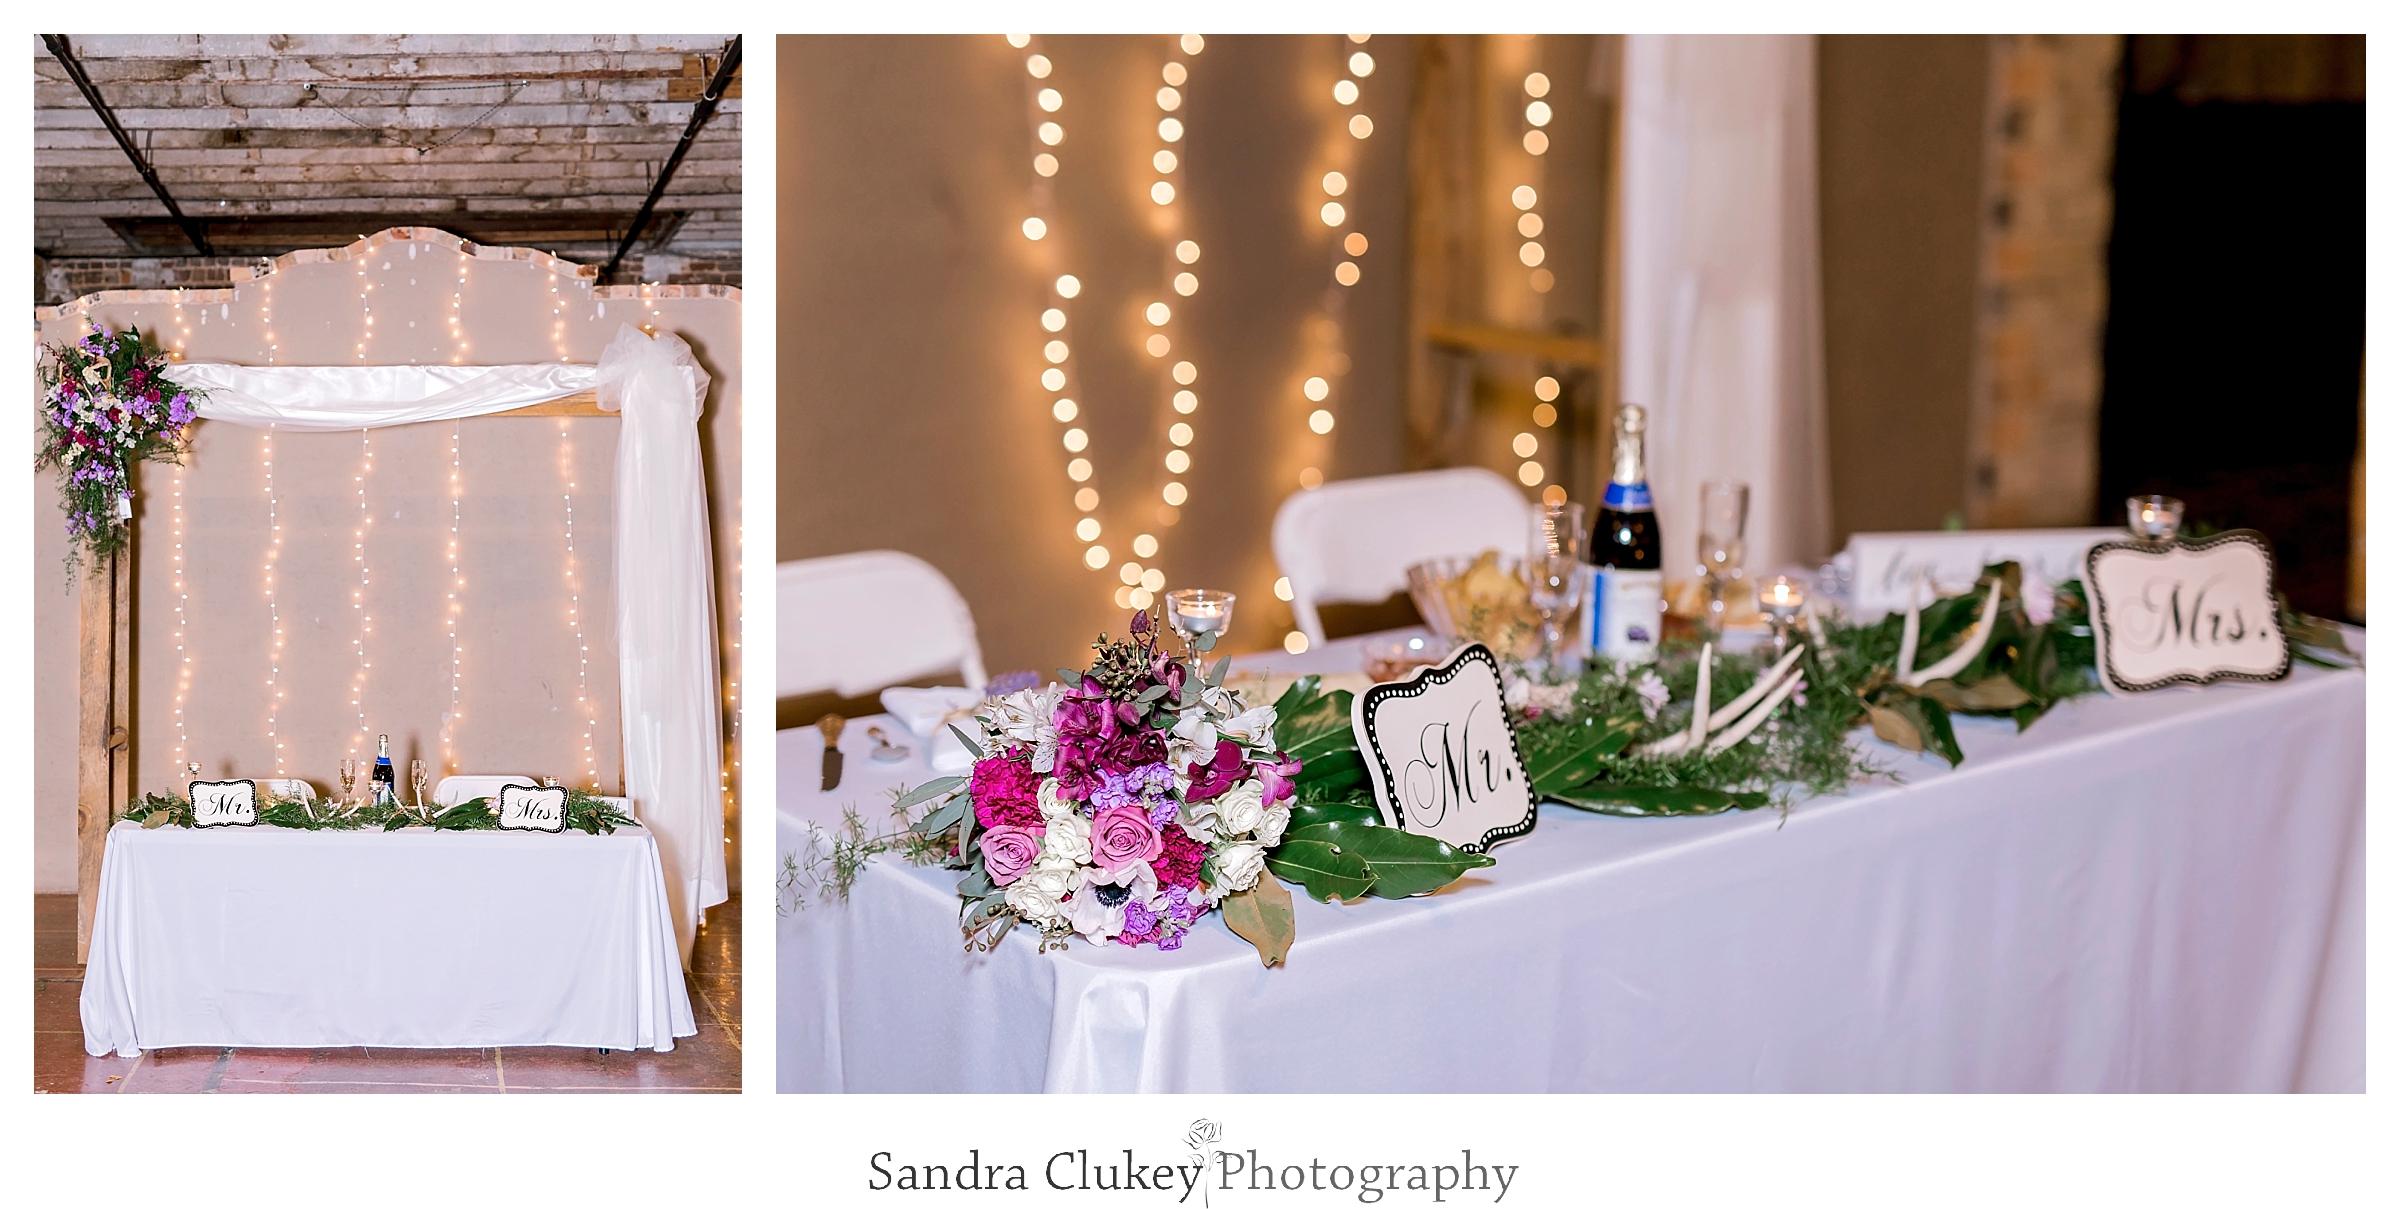 Sandra Clukey Photography_1549.jpg